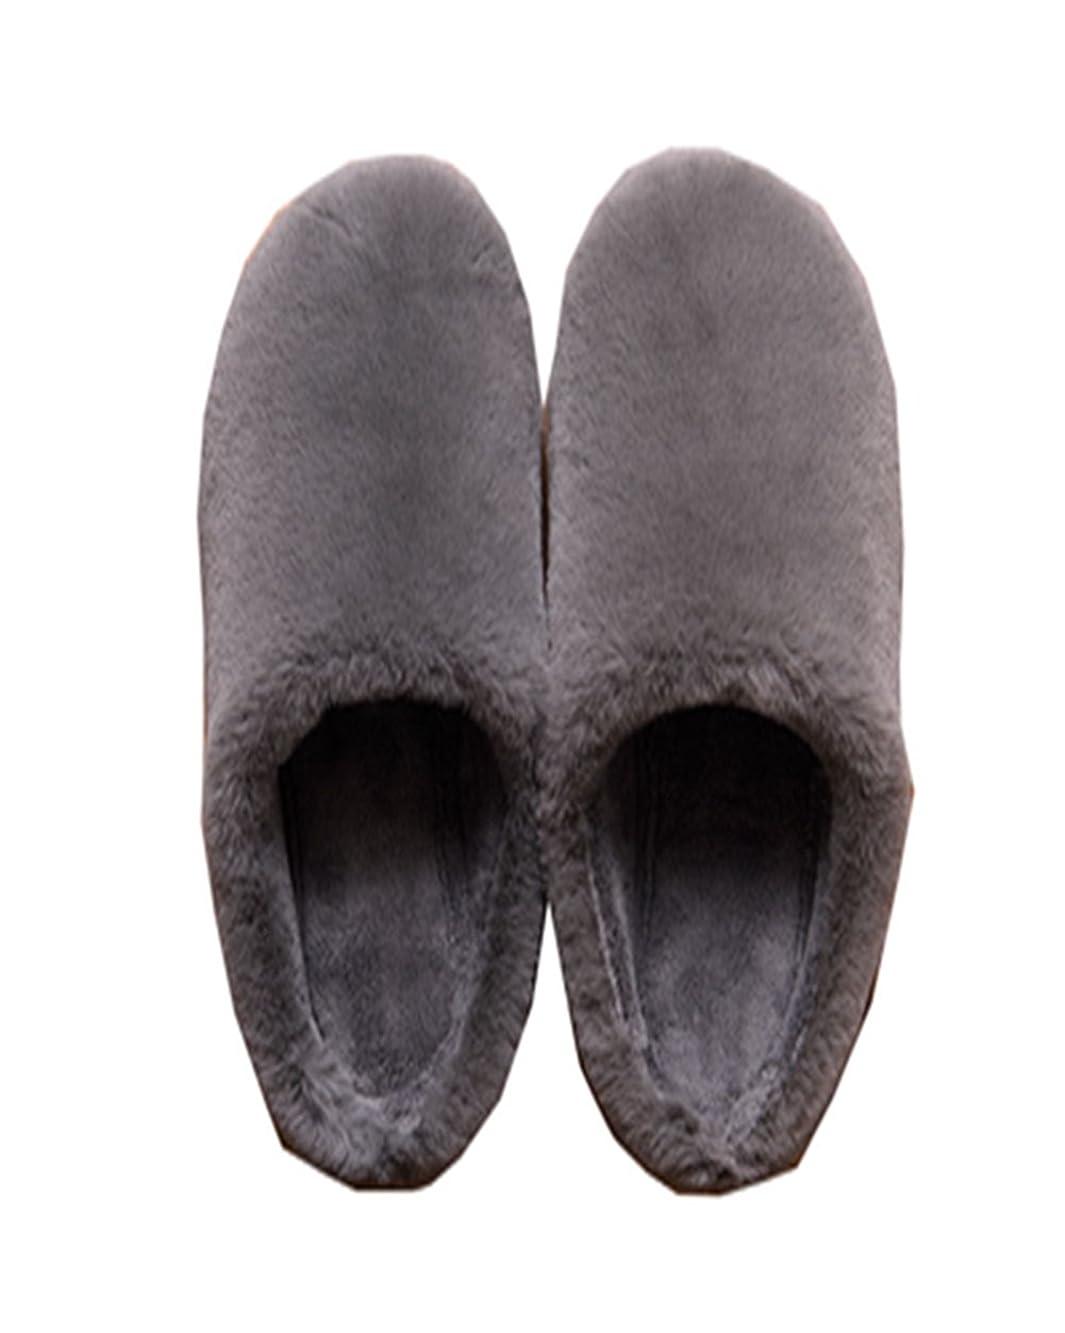 あなたが良くなりますキャンディー普及[HONGJING] スリッパ ルームシューズ レディース メンズ 冬 防寒 男女兼用あったか 滑り止め加工 軽量 静音 素朴デザイン 室内履き ぽかぽか